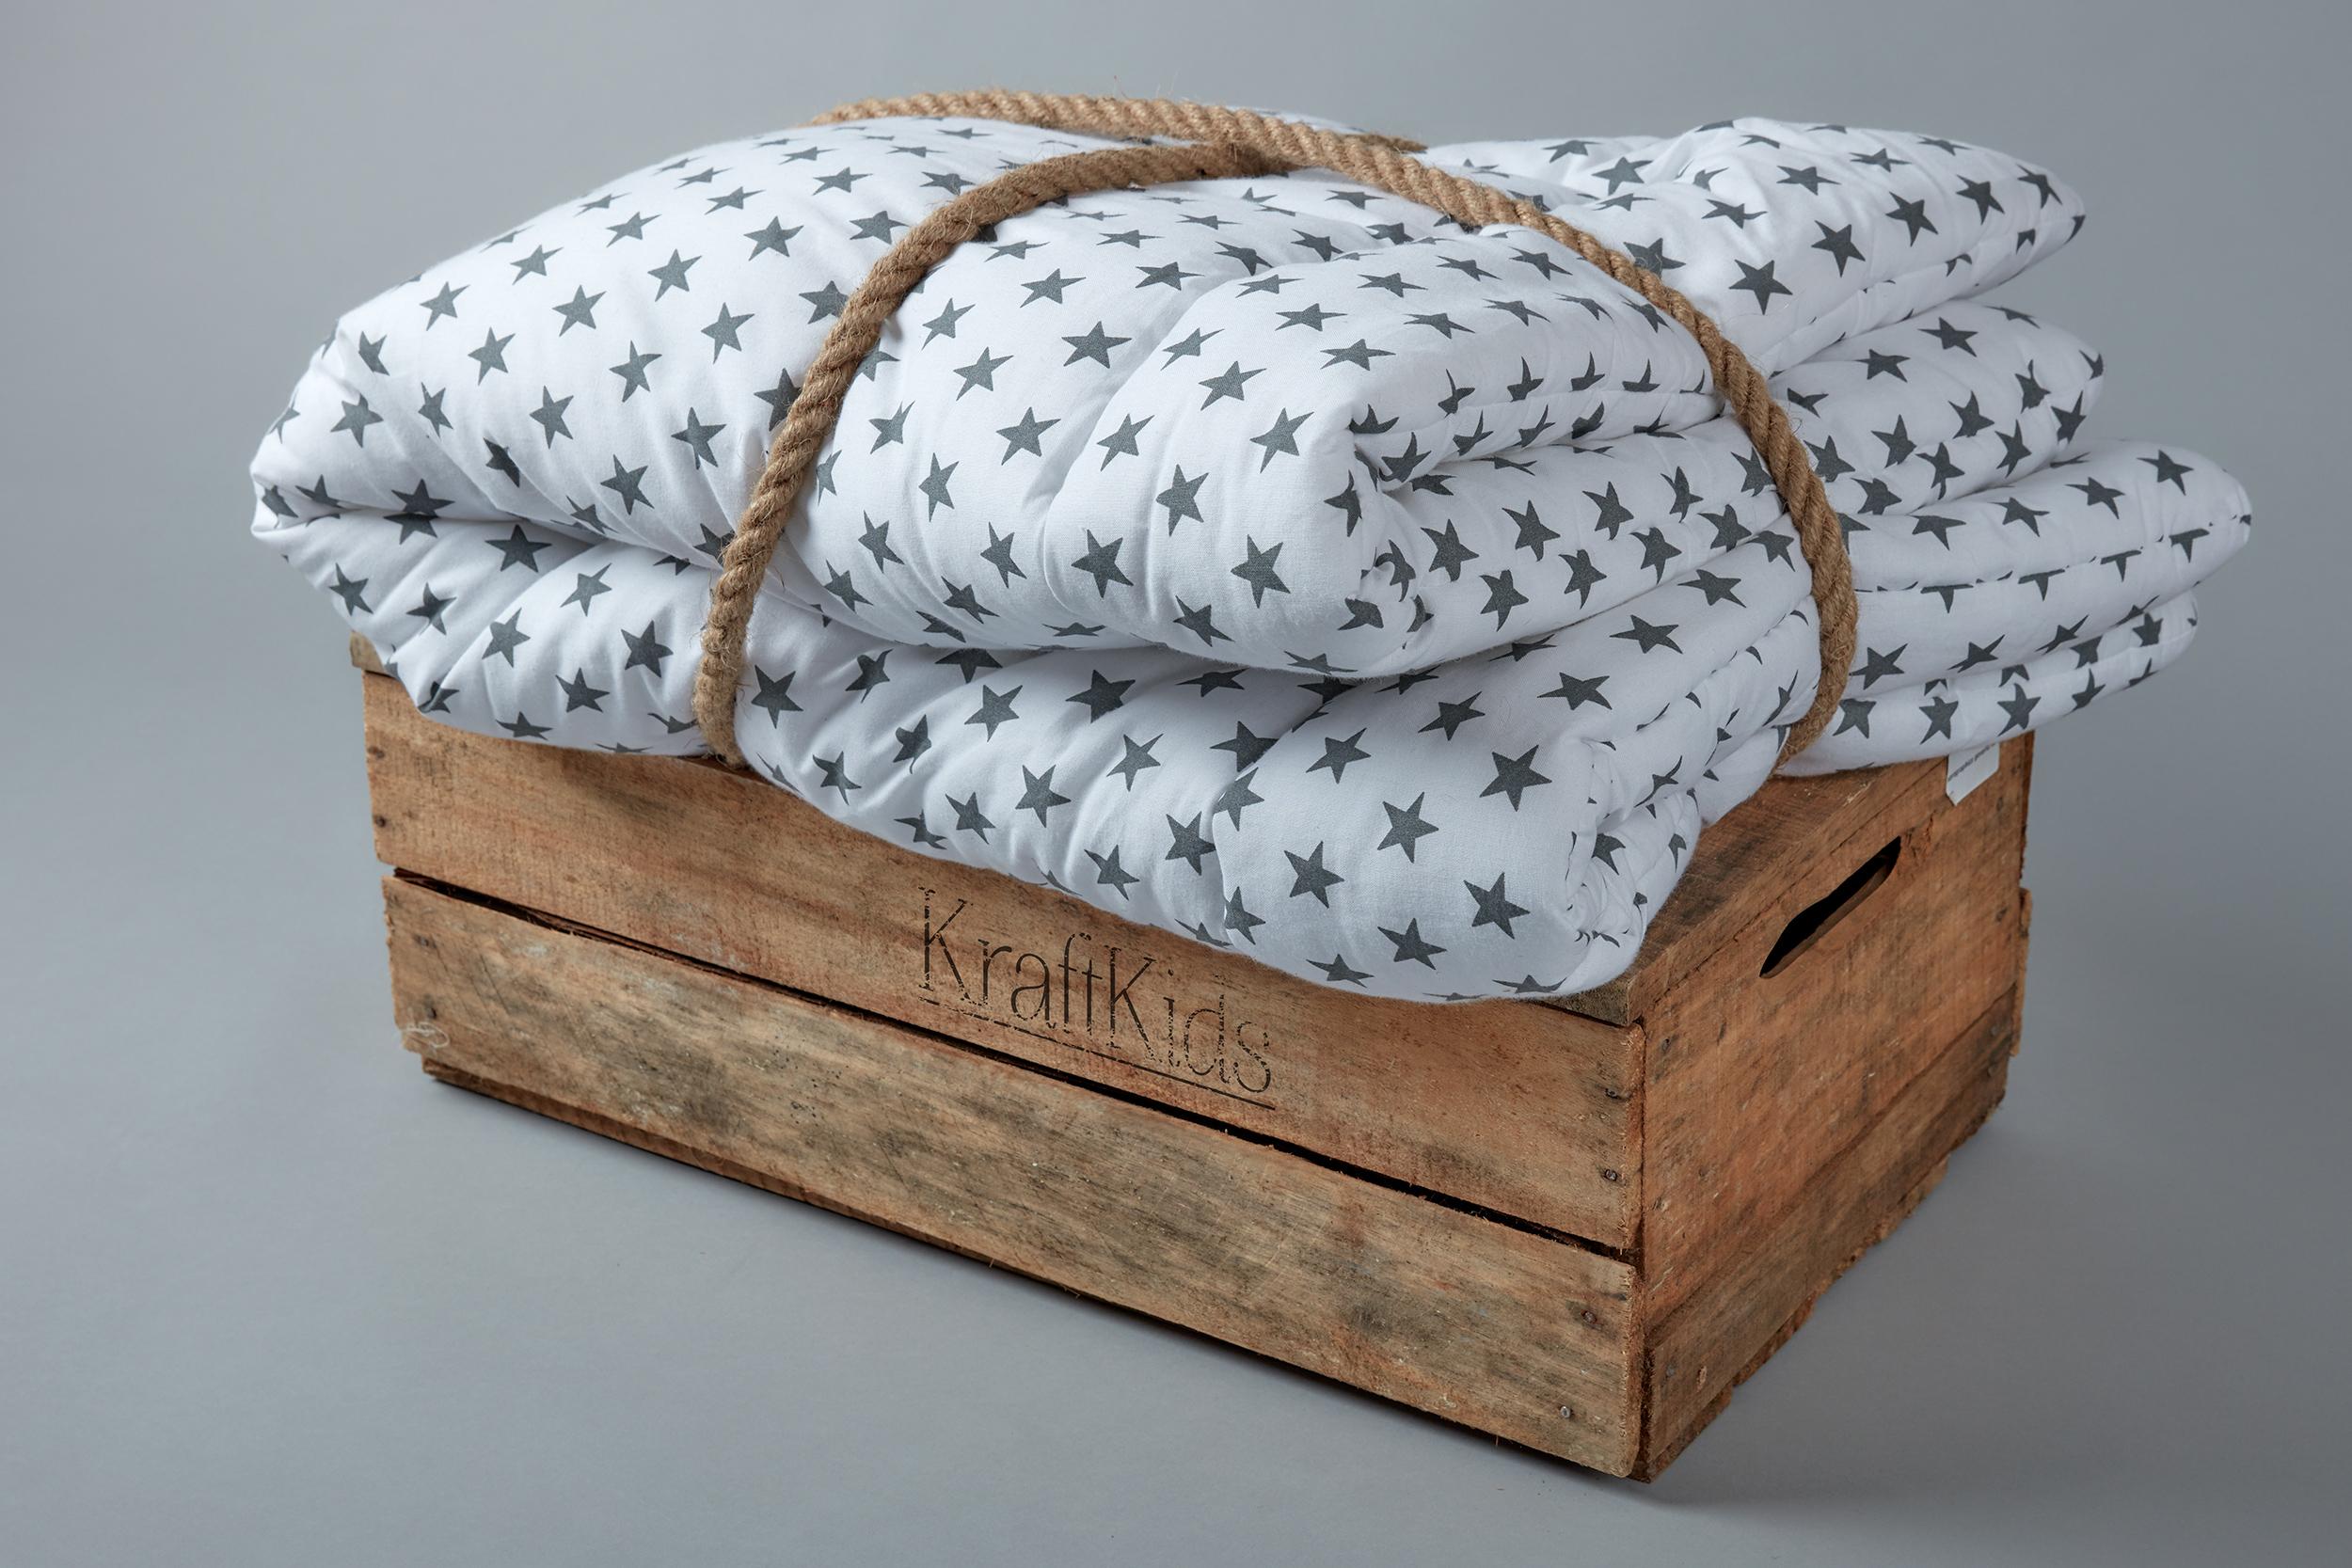 kraftkids krabbeldecke kleine graue sterne auf weiss. Black Bedroom Furniture Sets. Home Design Ideas